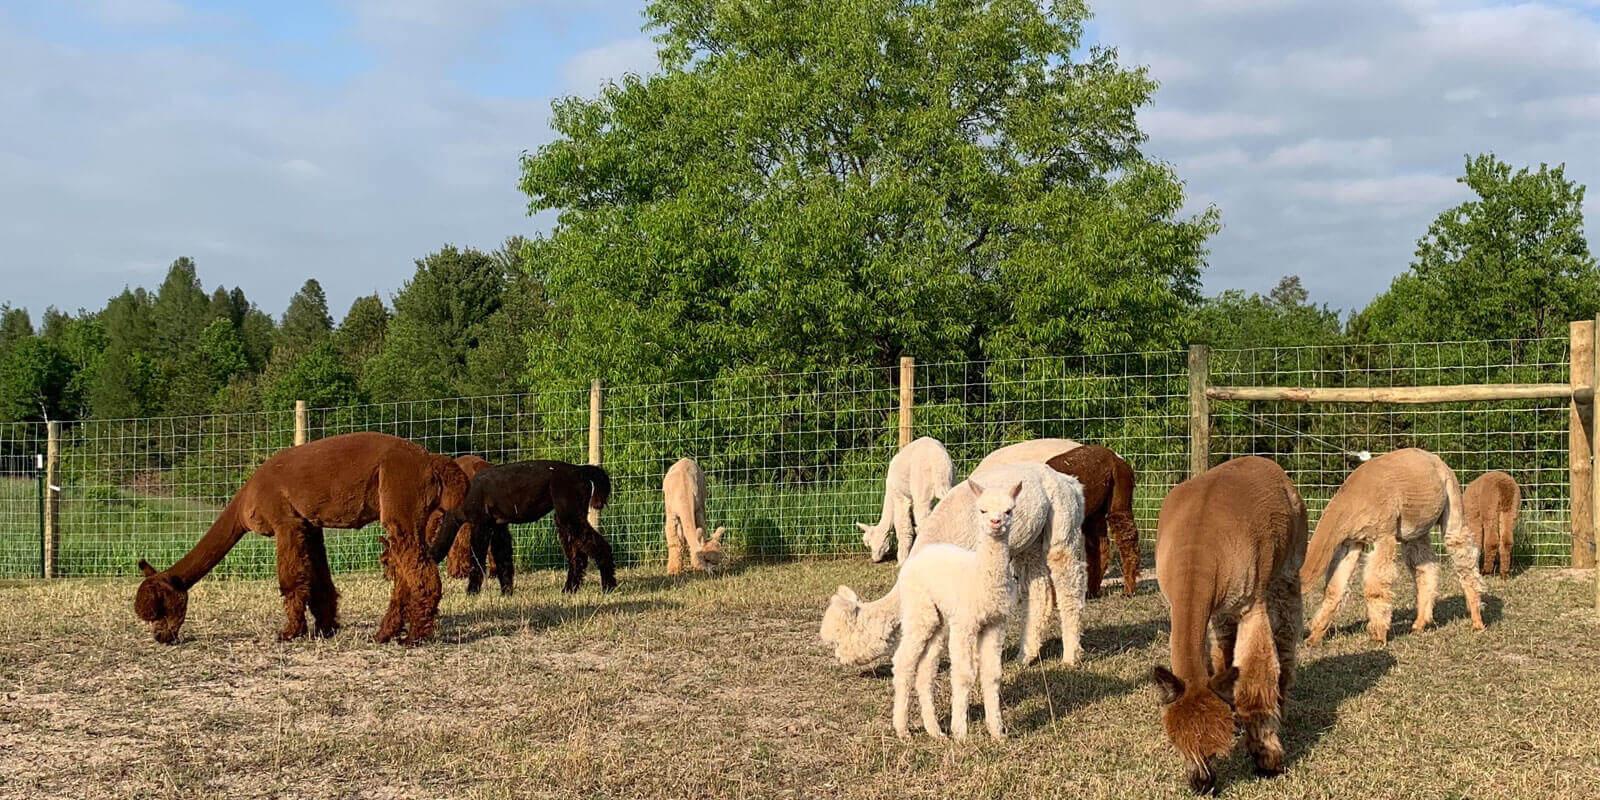 Alpacas-Grazing-in-Summer-in-Michigan